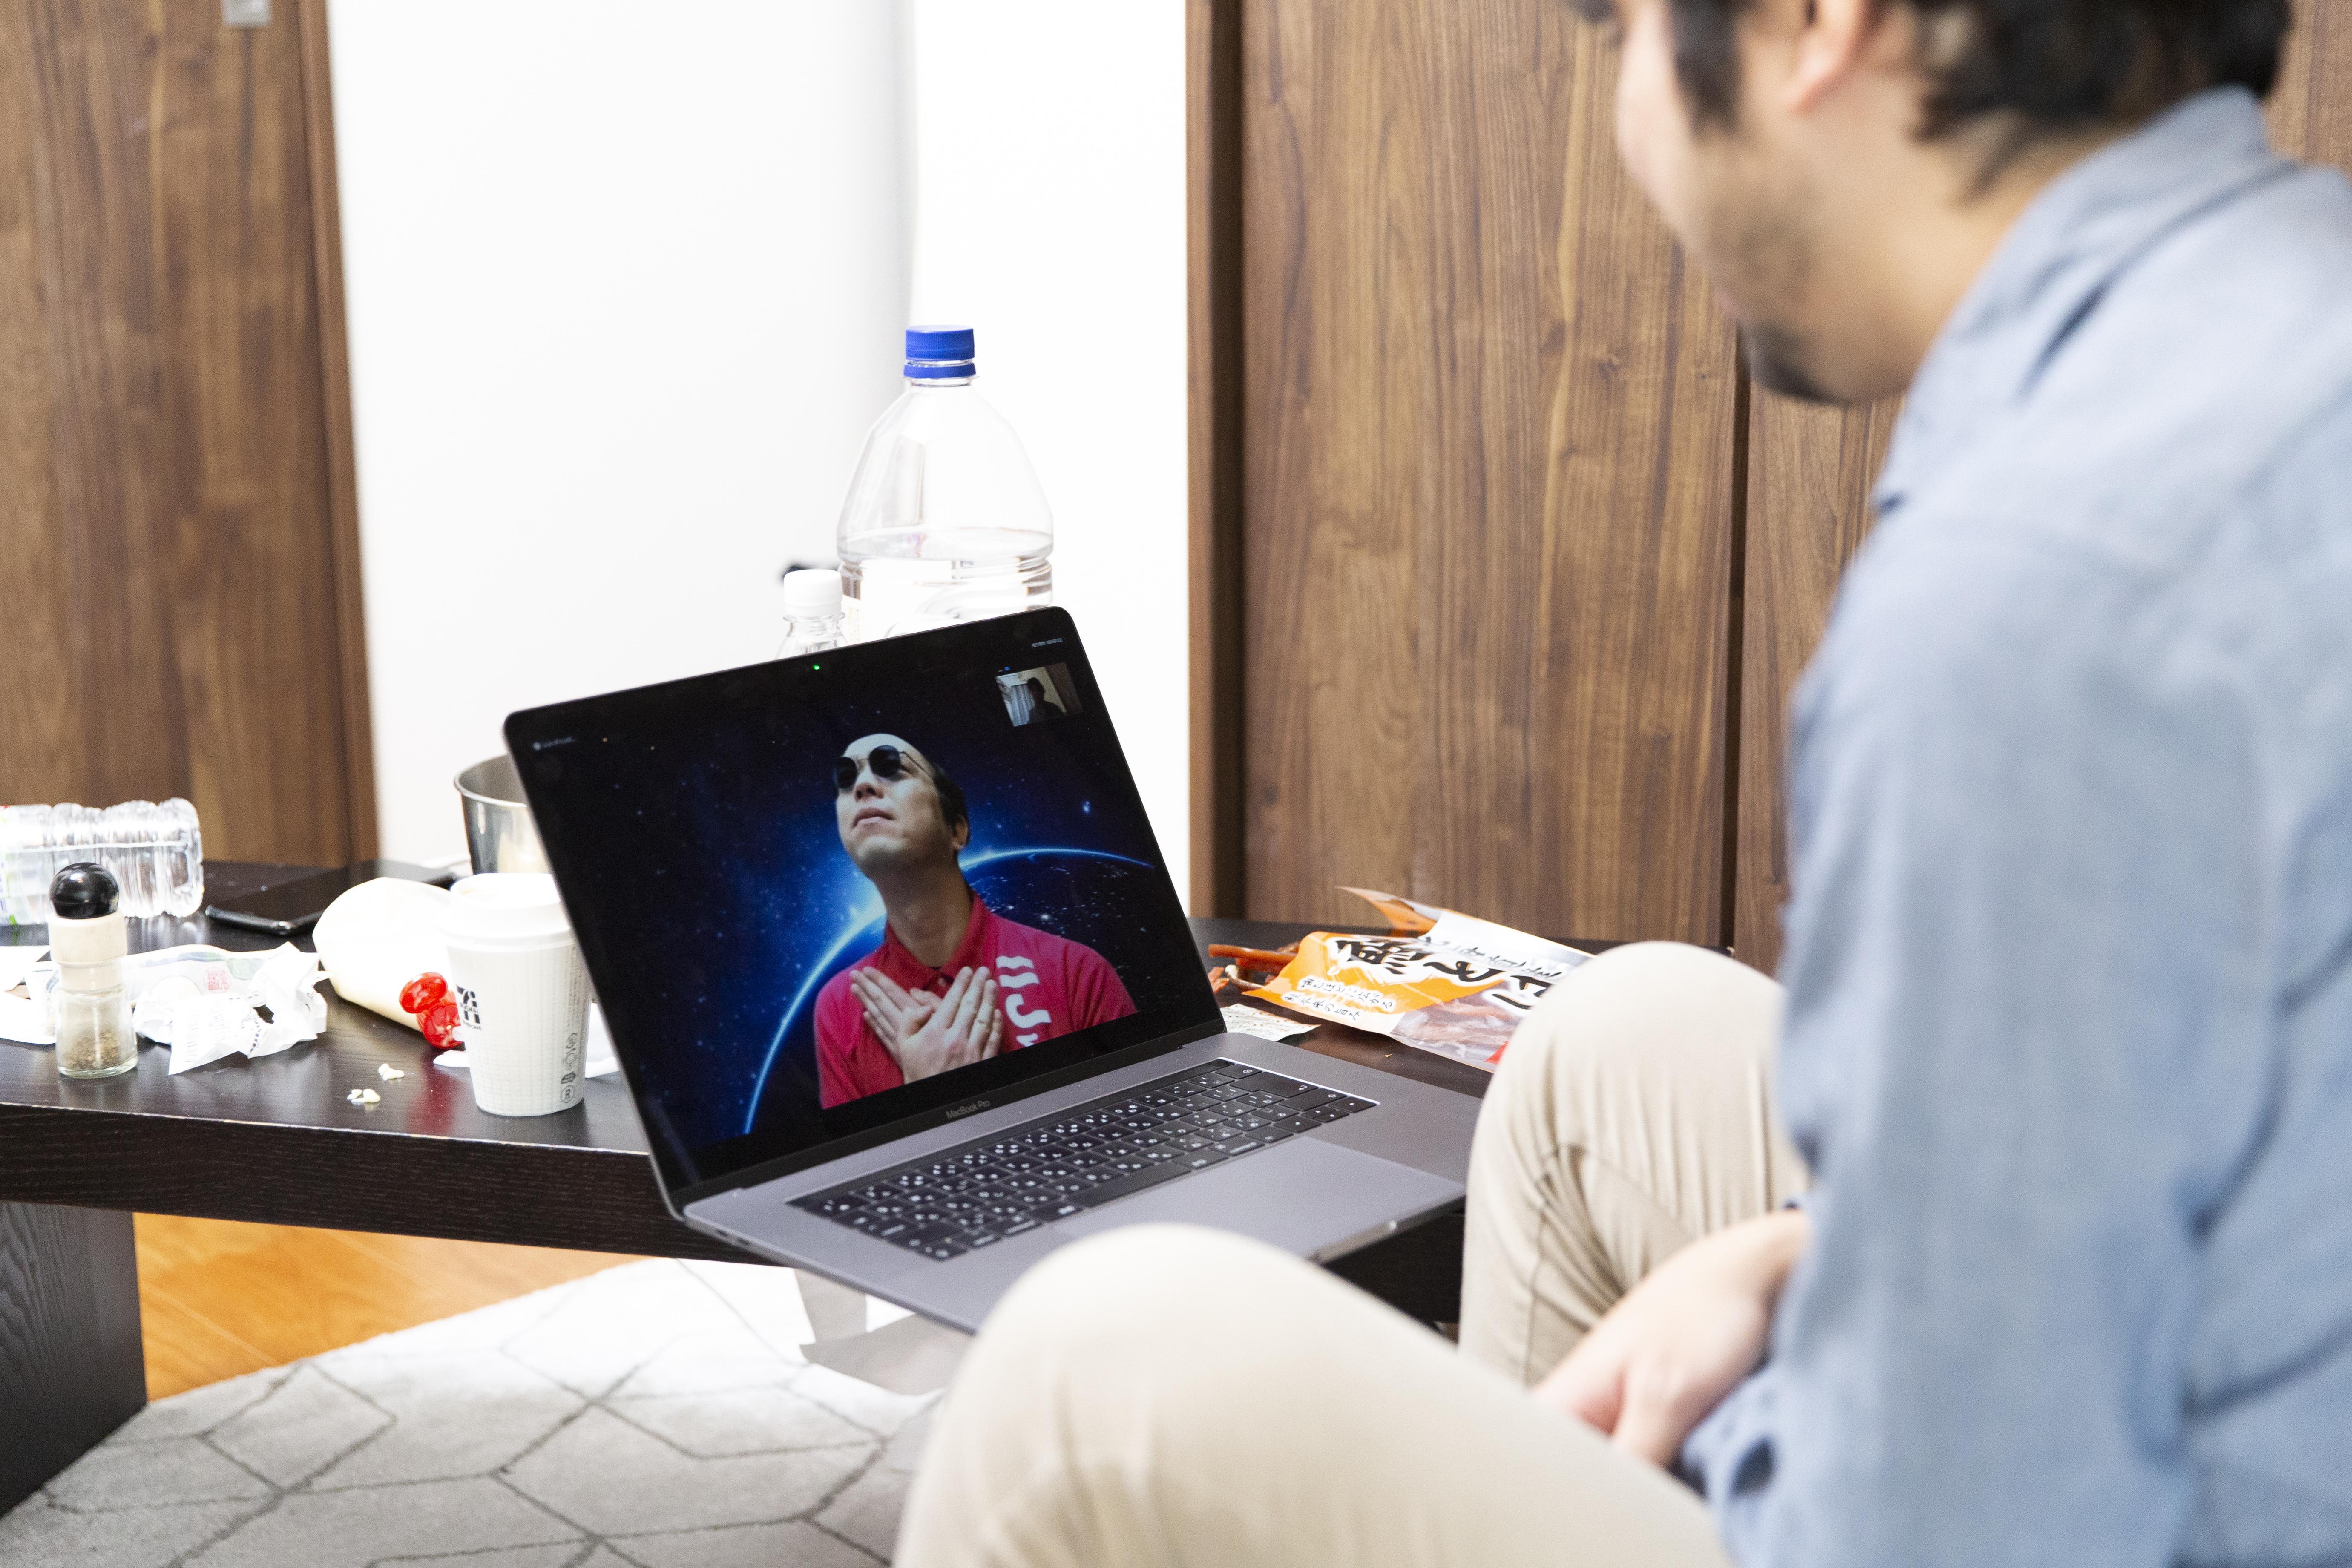 パソコンに映るSIM太郎の画像